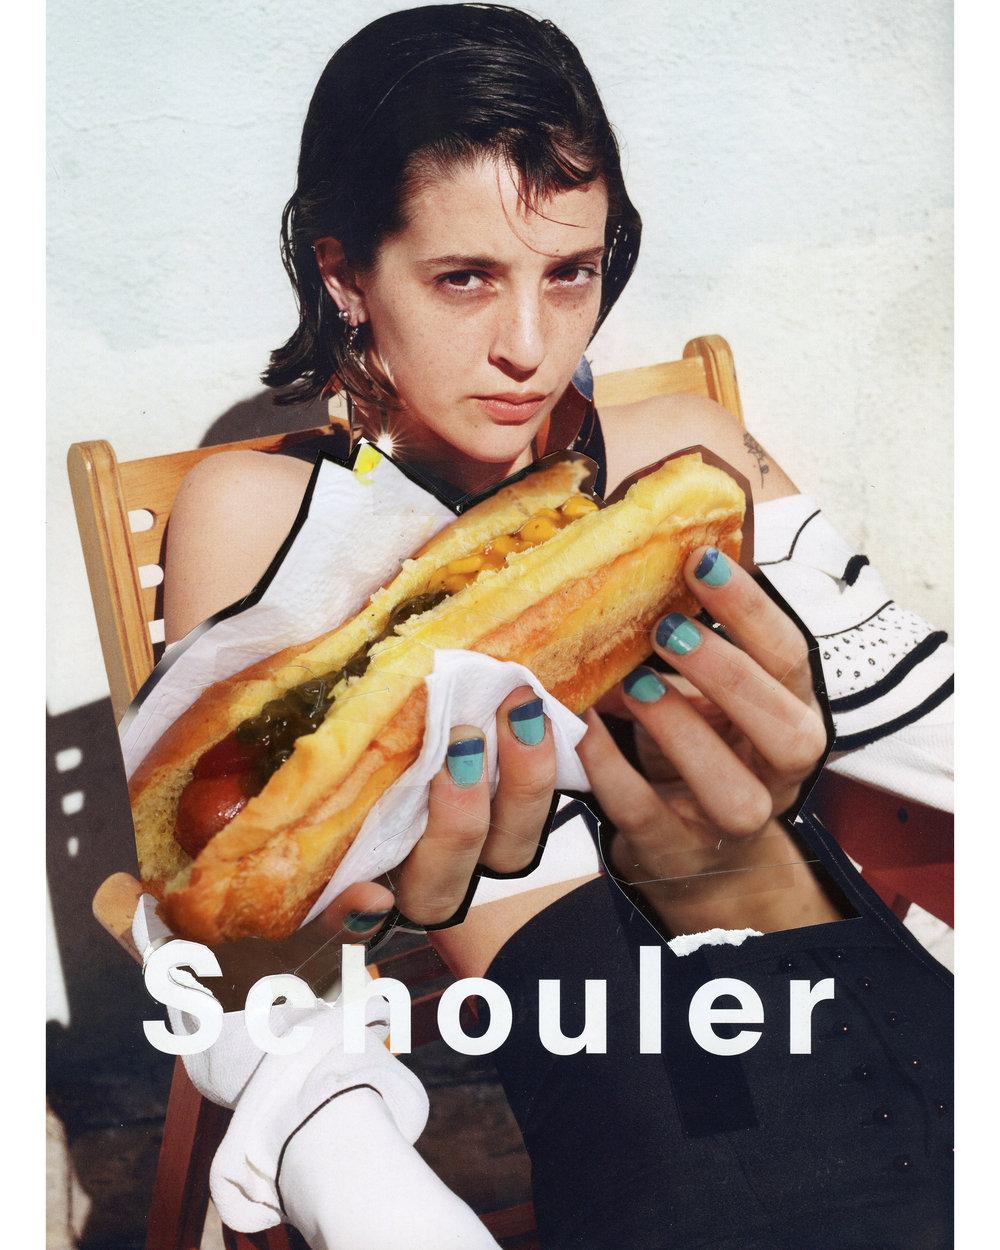 SchoulerDog.300.jpg